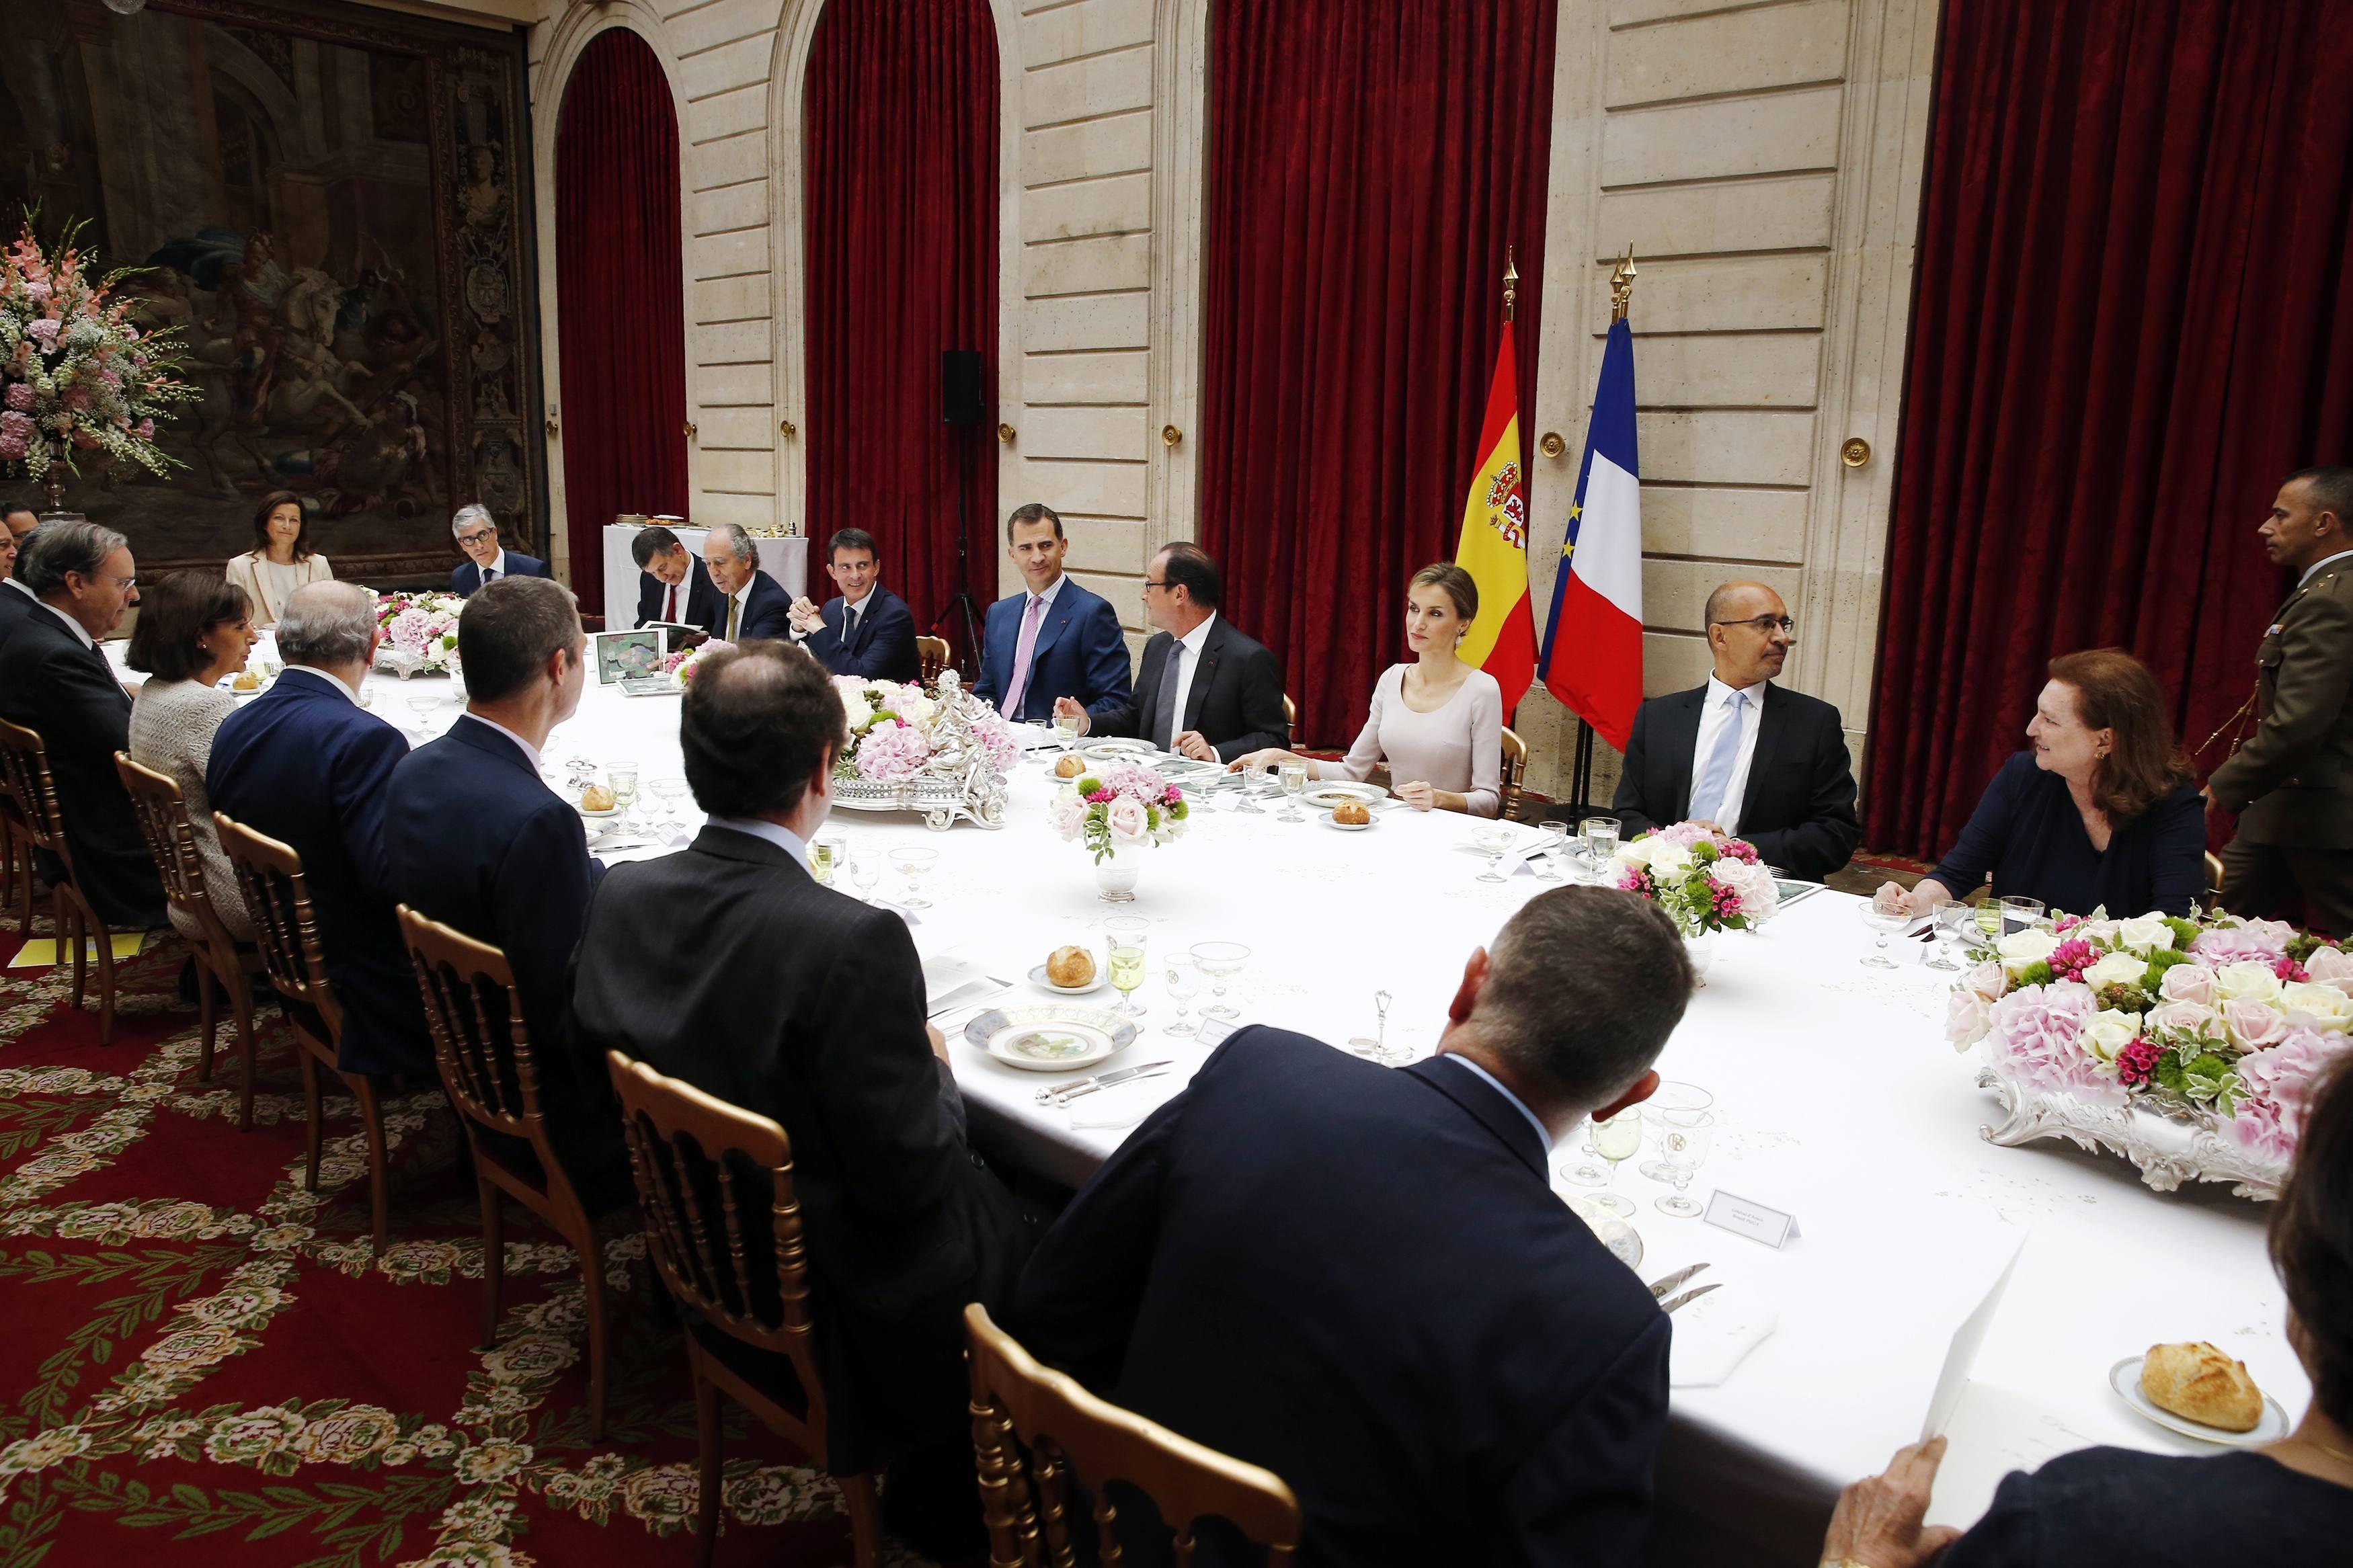 Almuerzo ofrecido por el Presidente de la República de Francia a los Reyes